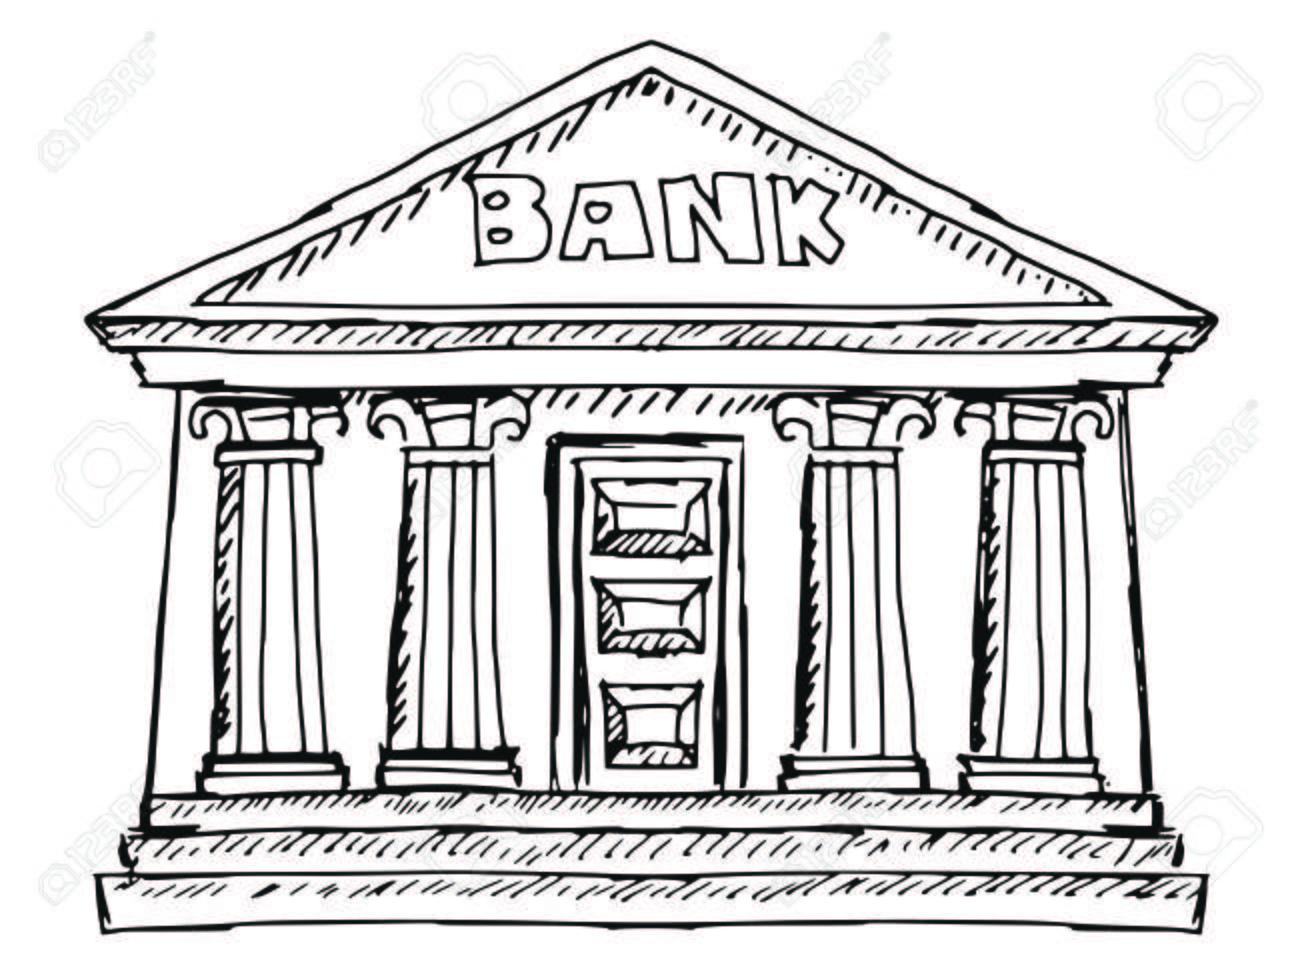 Bank Building Drawing At Getdrawings